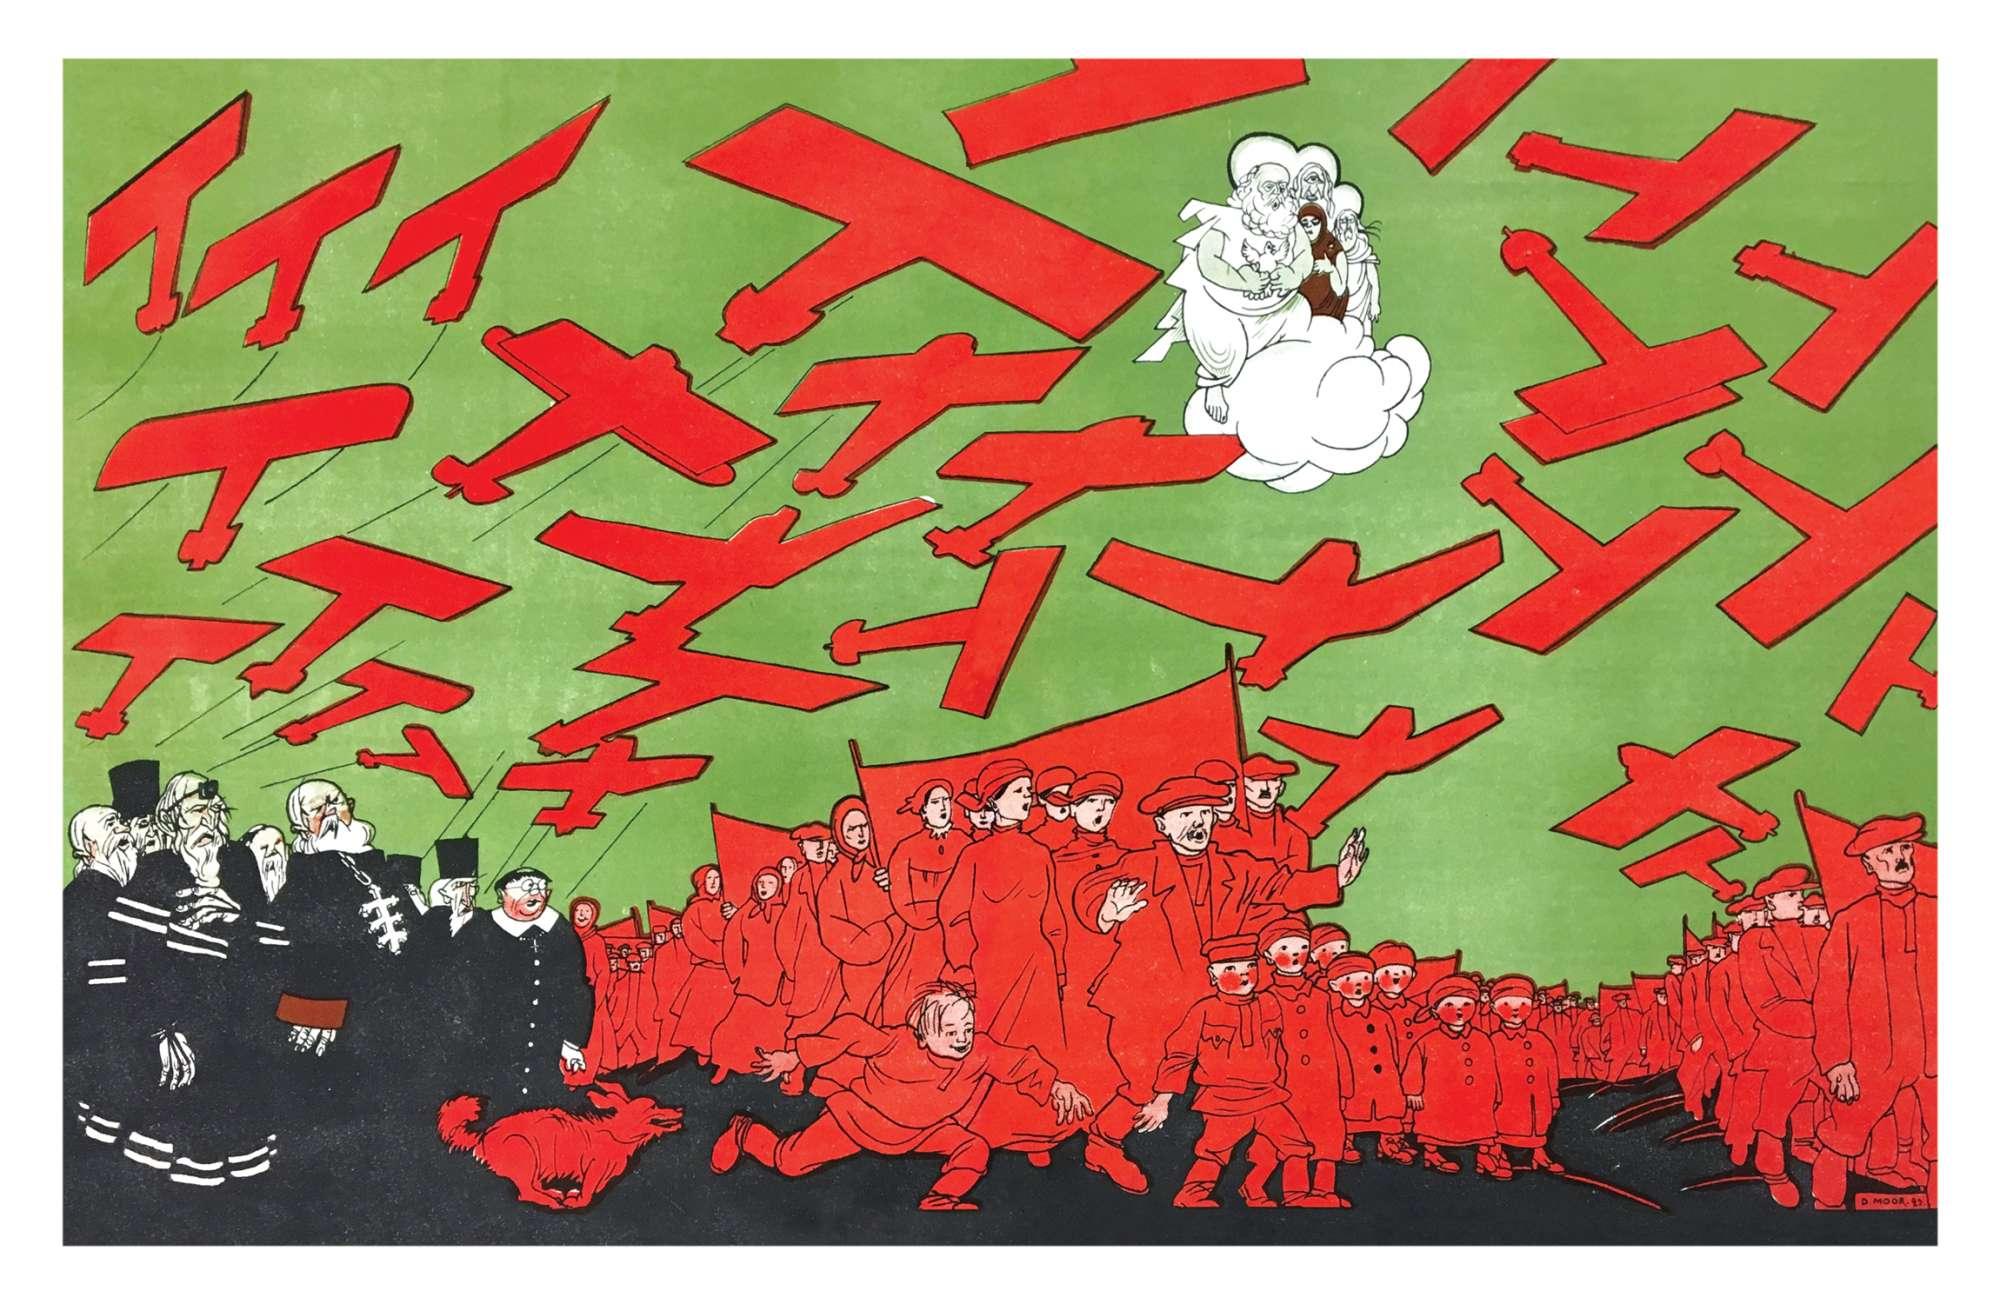 «Κόκκινη πλημμυρίδα και στη Γη και στον Ουρανό – πού να τρέξει να κρυφτεί η κότα;» (Περιοδικό «Αθεος στη Μηχανή», 1923)